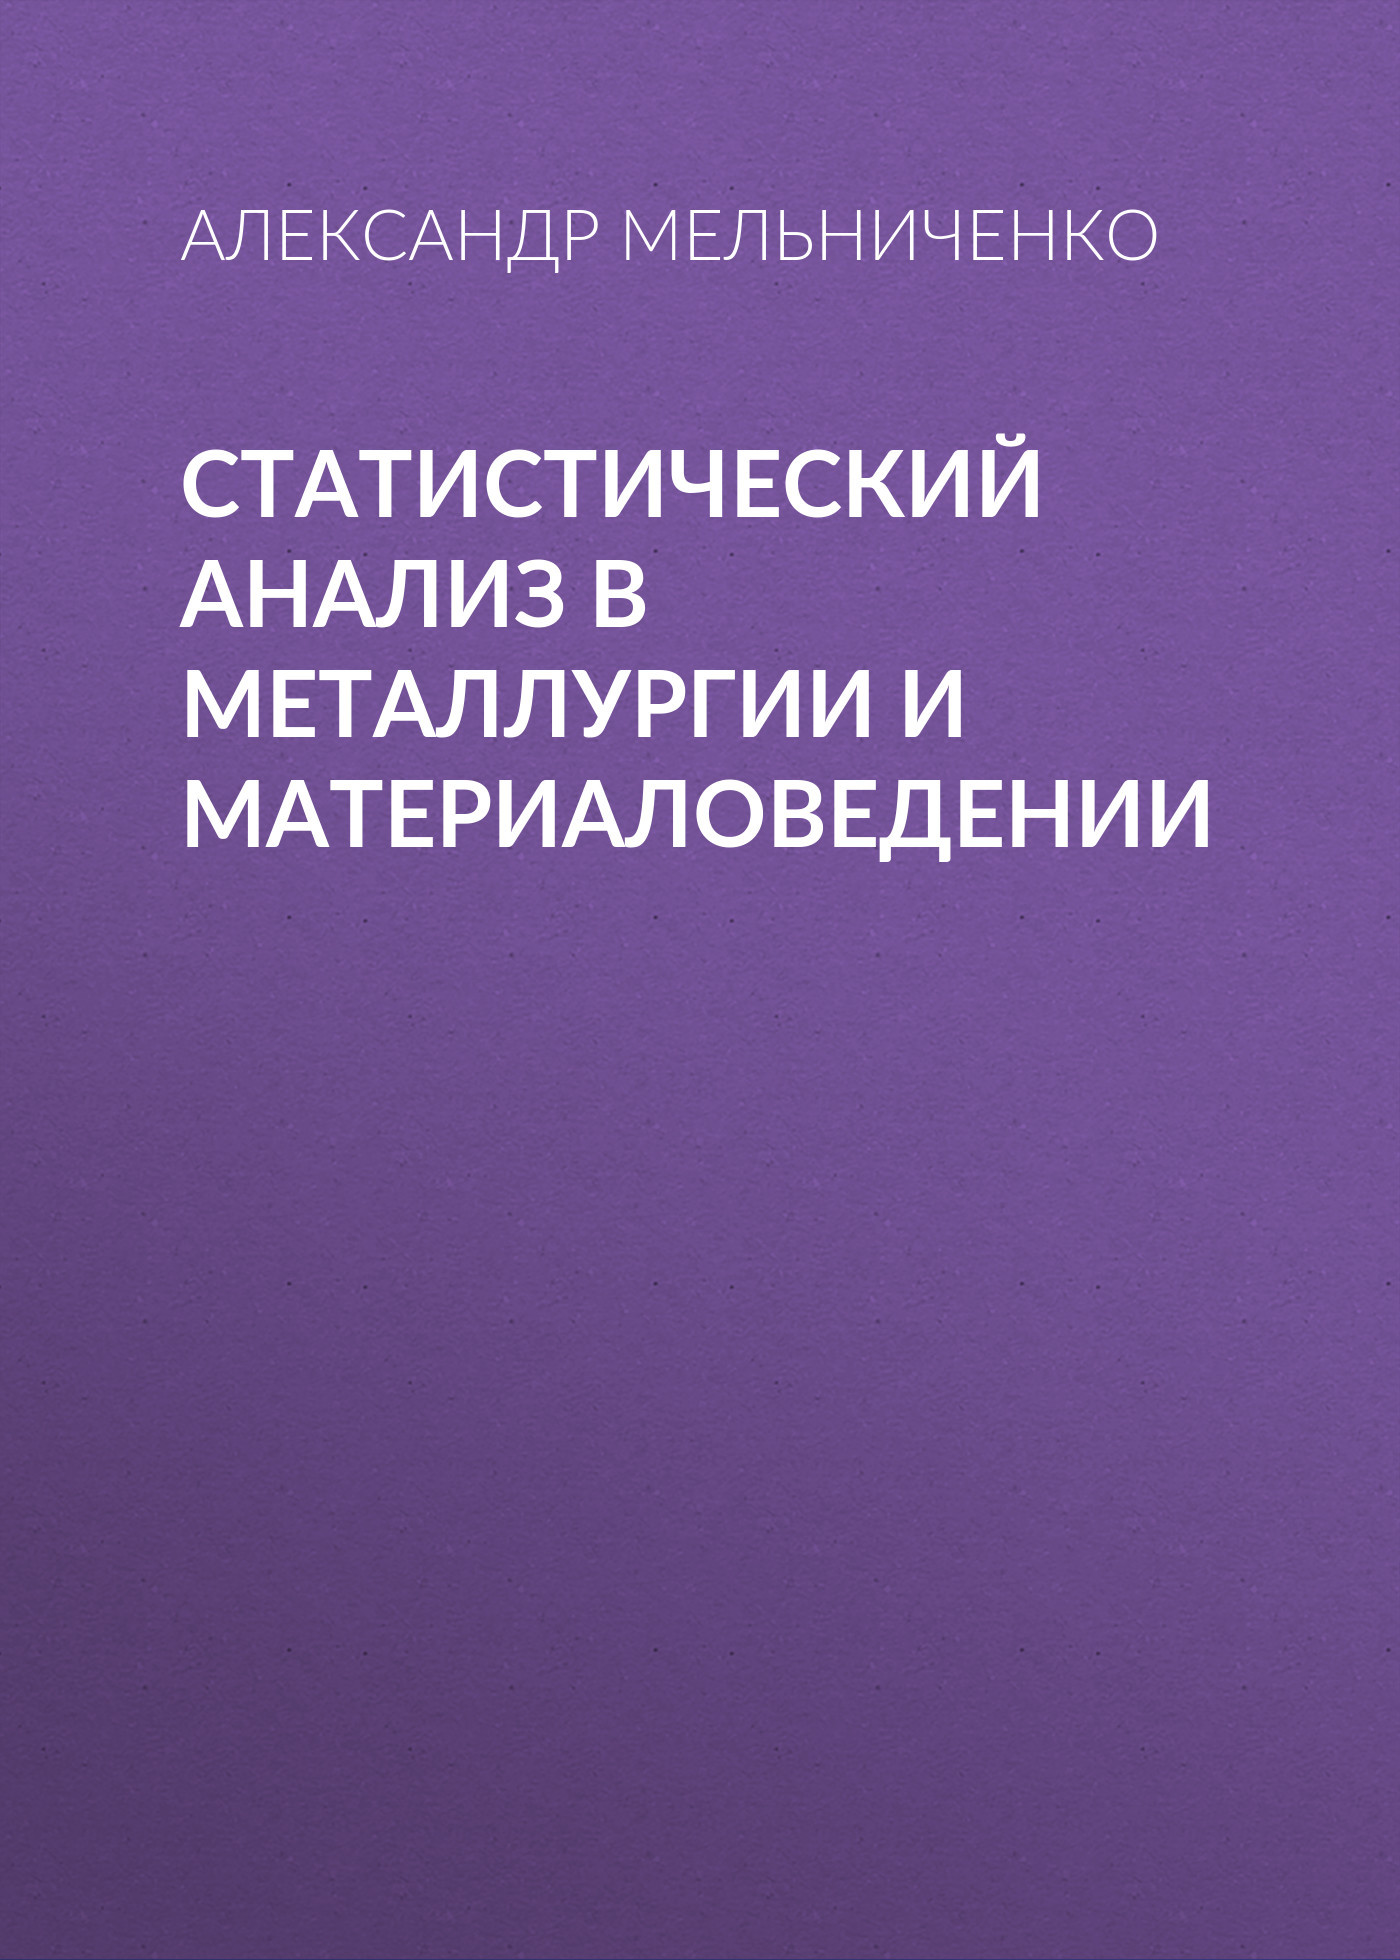 А. С. Мельниченко Статистический анализ в металлургии и материаловедении основы криологии энтропийно статистический анализ низкотемпературных систем